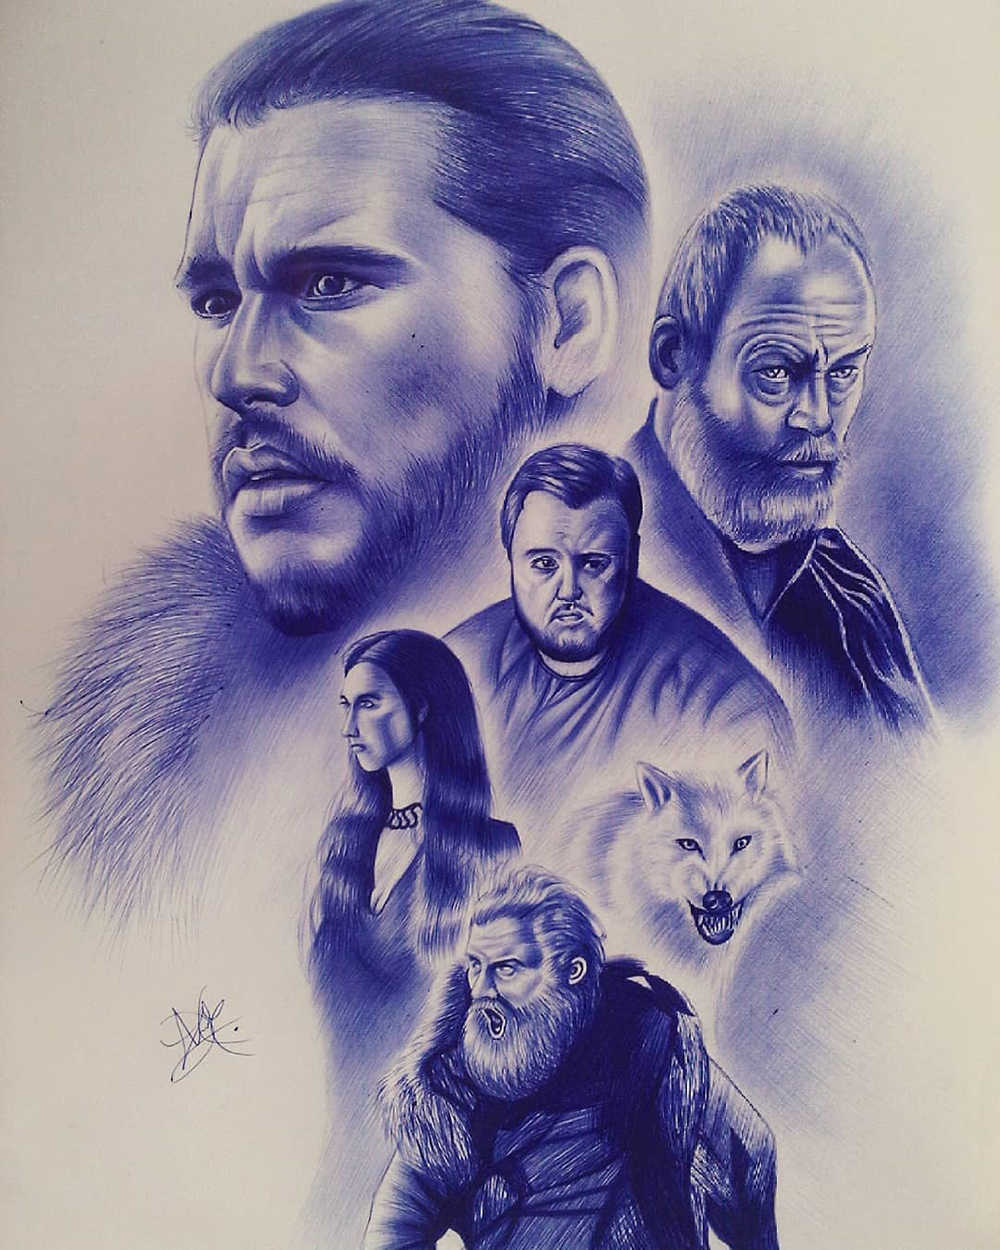 Game of Thrones, ballpoint pen artwork